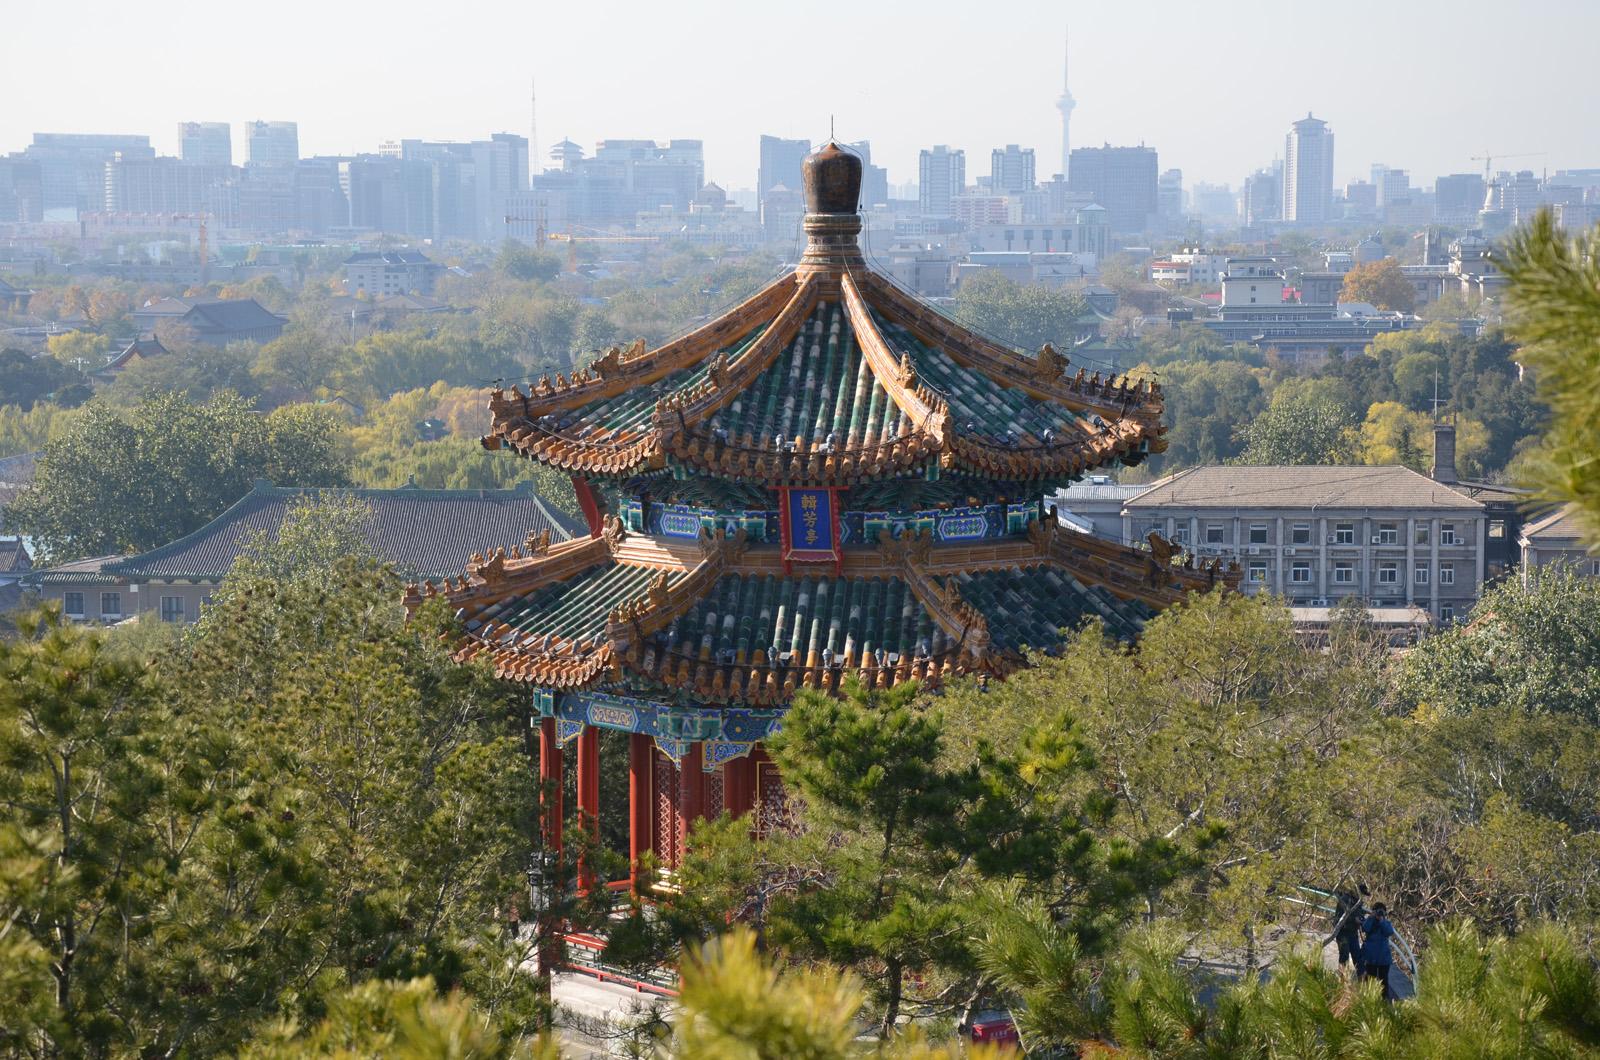 Kina ne prihvata međunarodnu istragu o poreklu korona virusa